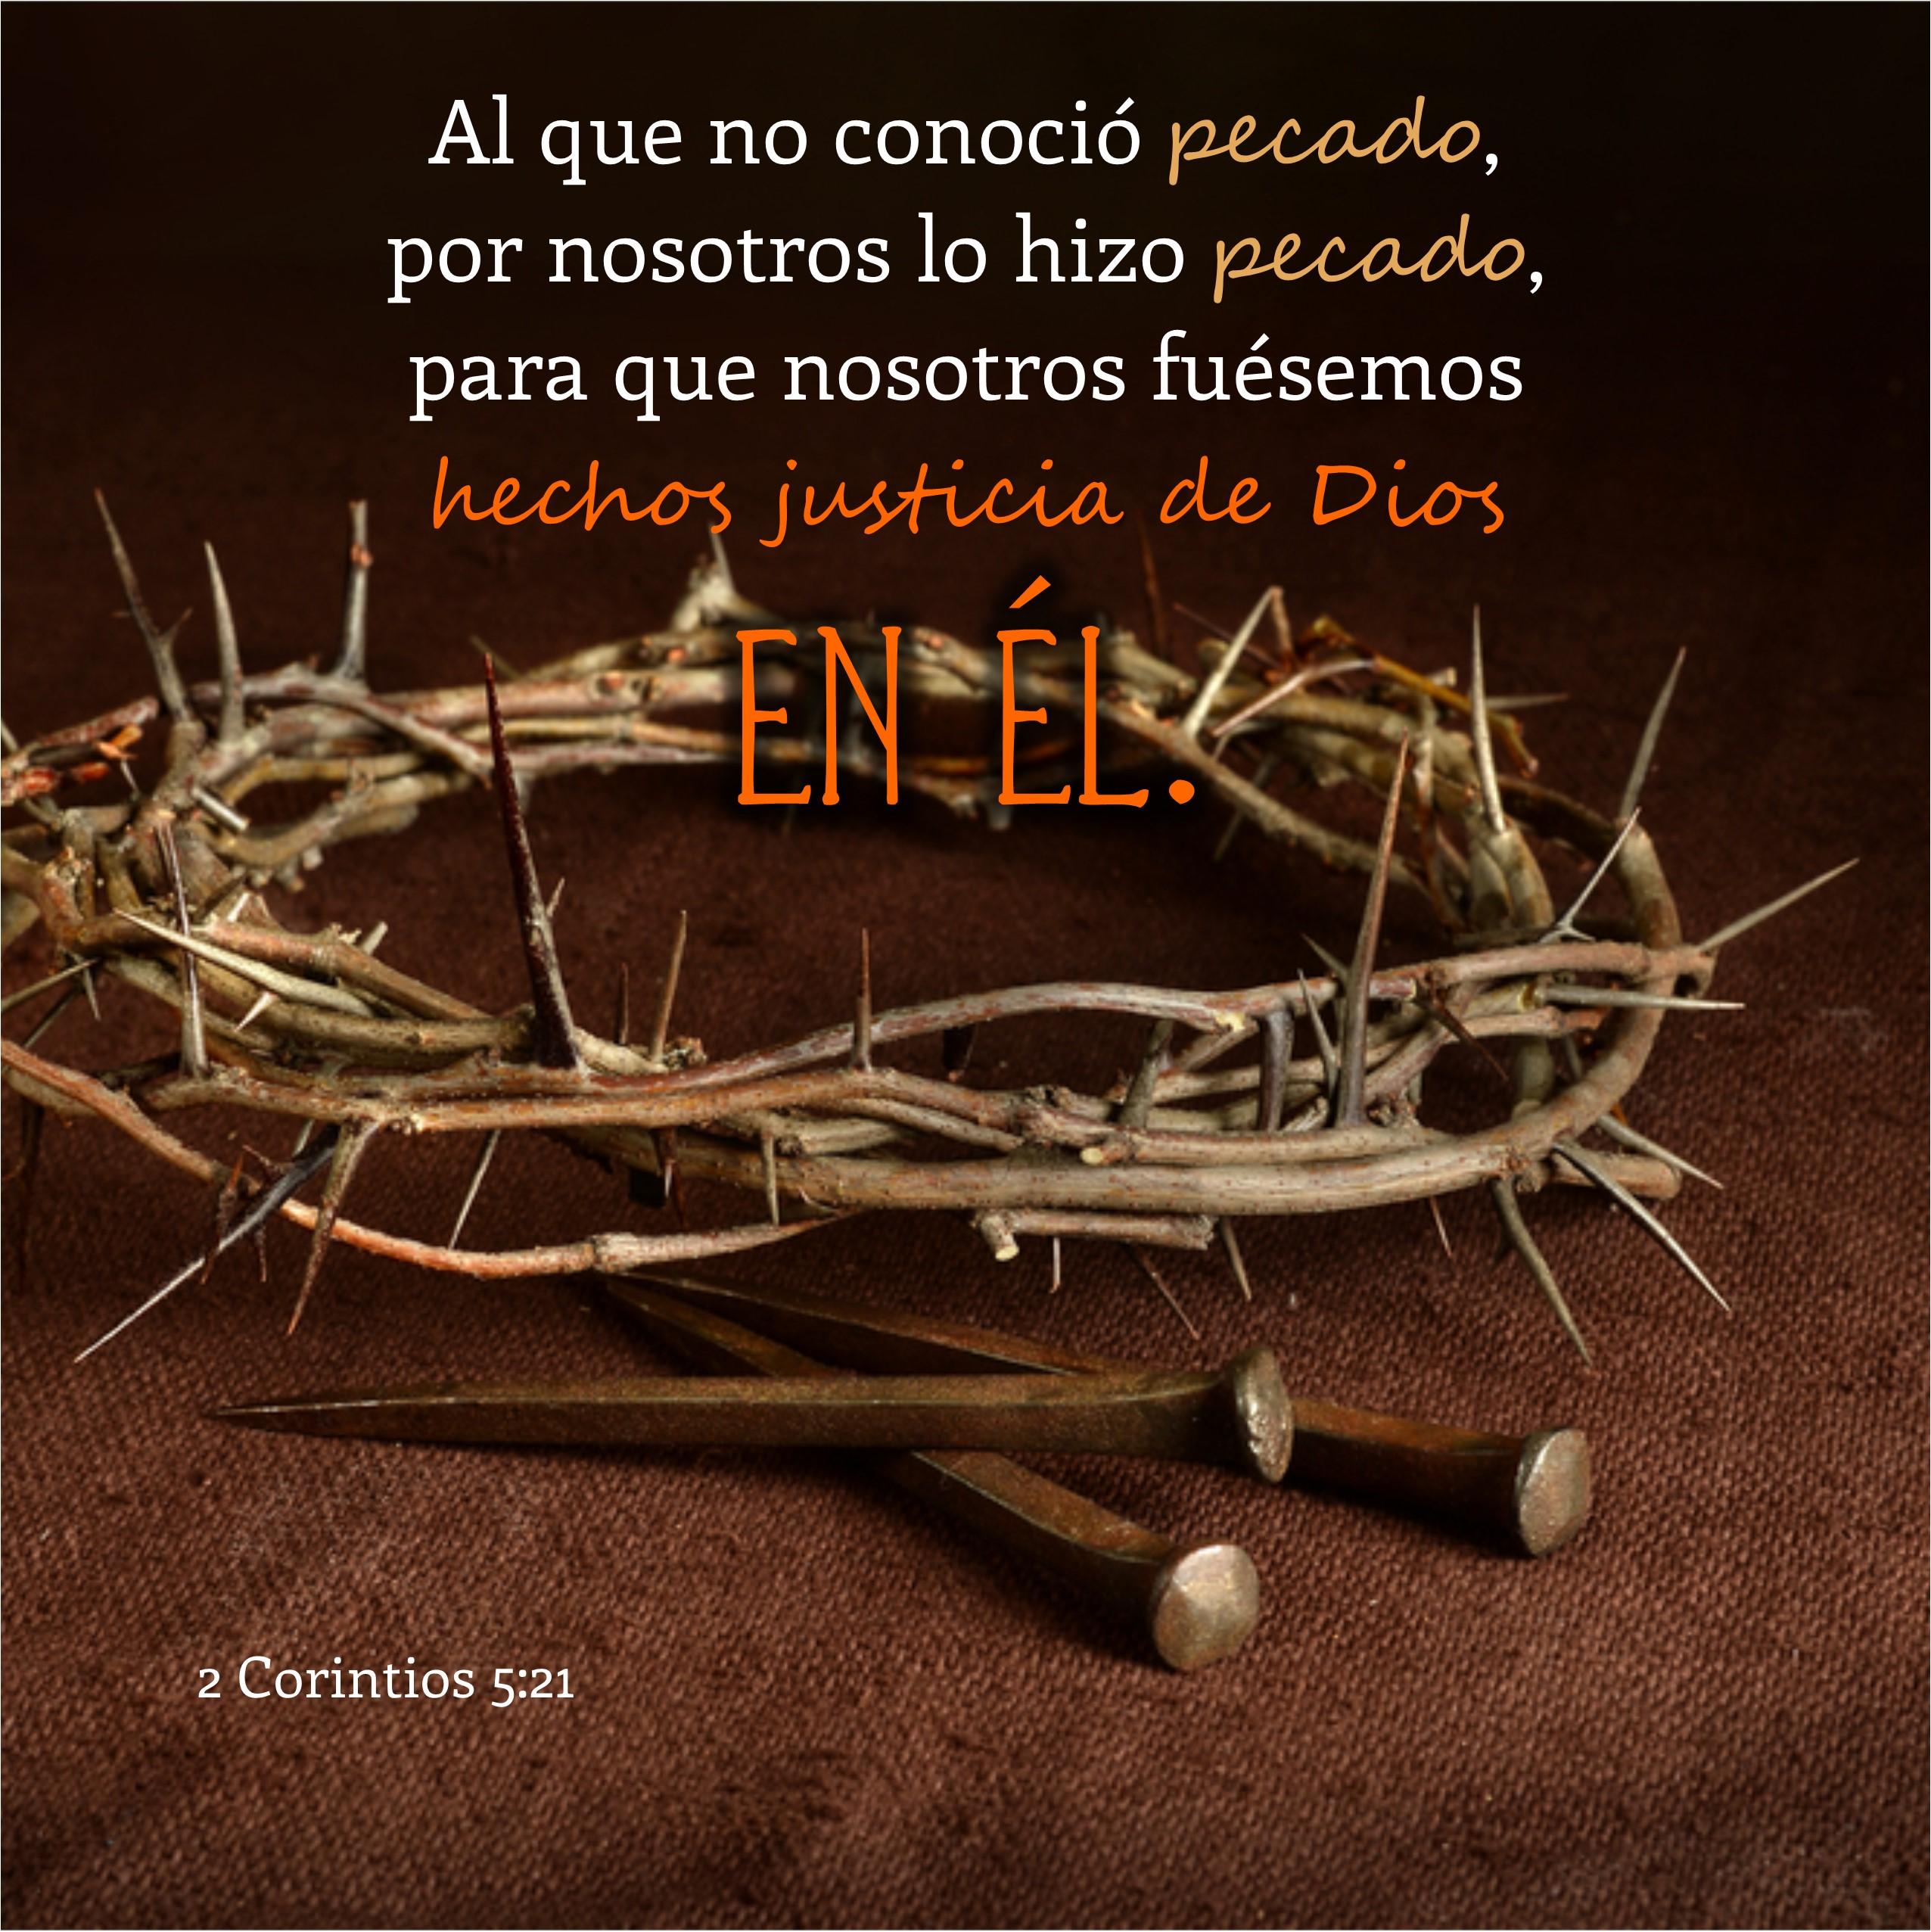 2 Corintios 5.21 Anexo